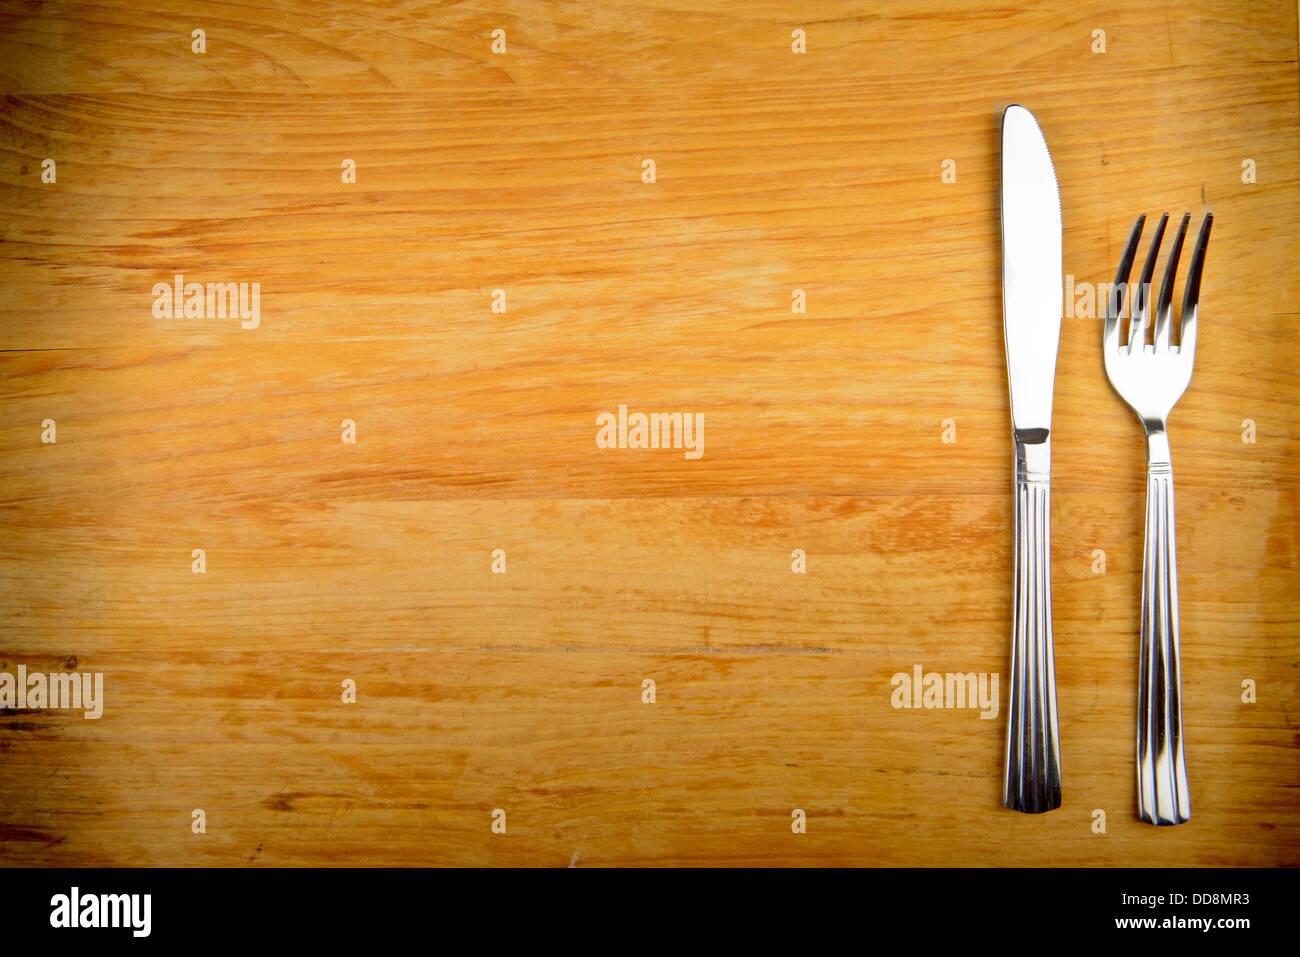 Coltello e forchetta sulla tavola di legno Immagini Stock